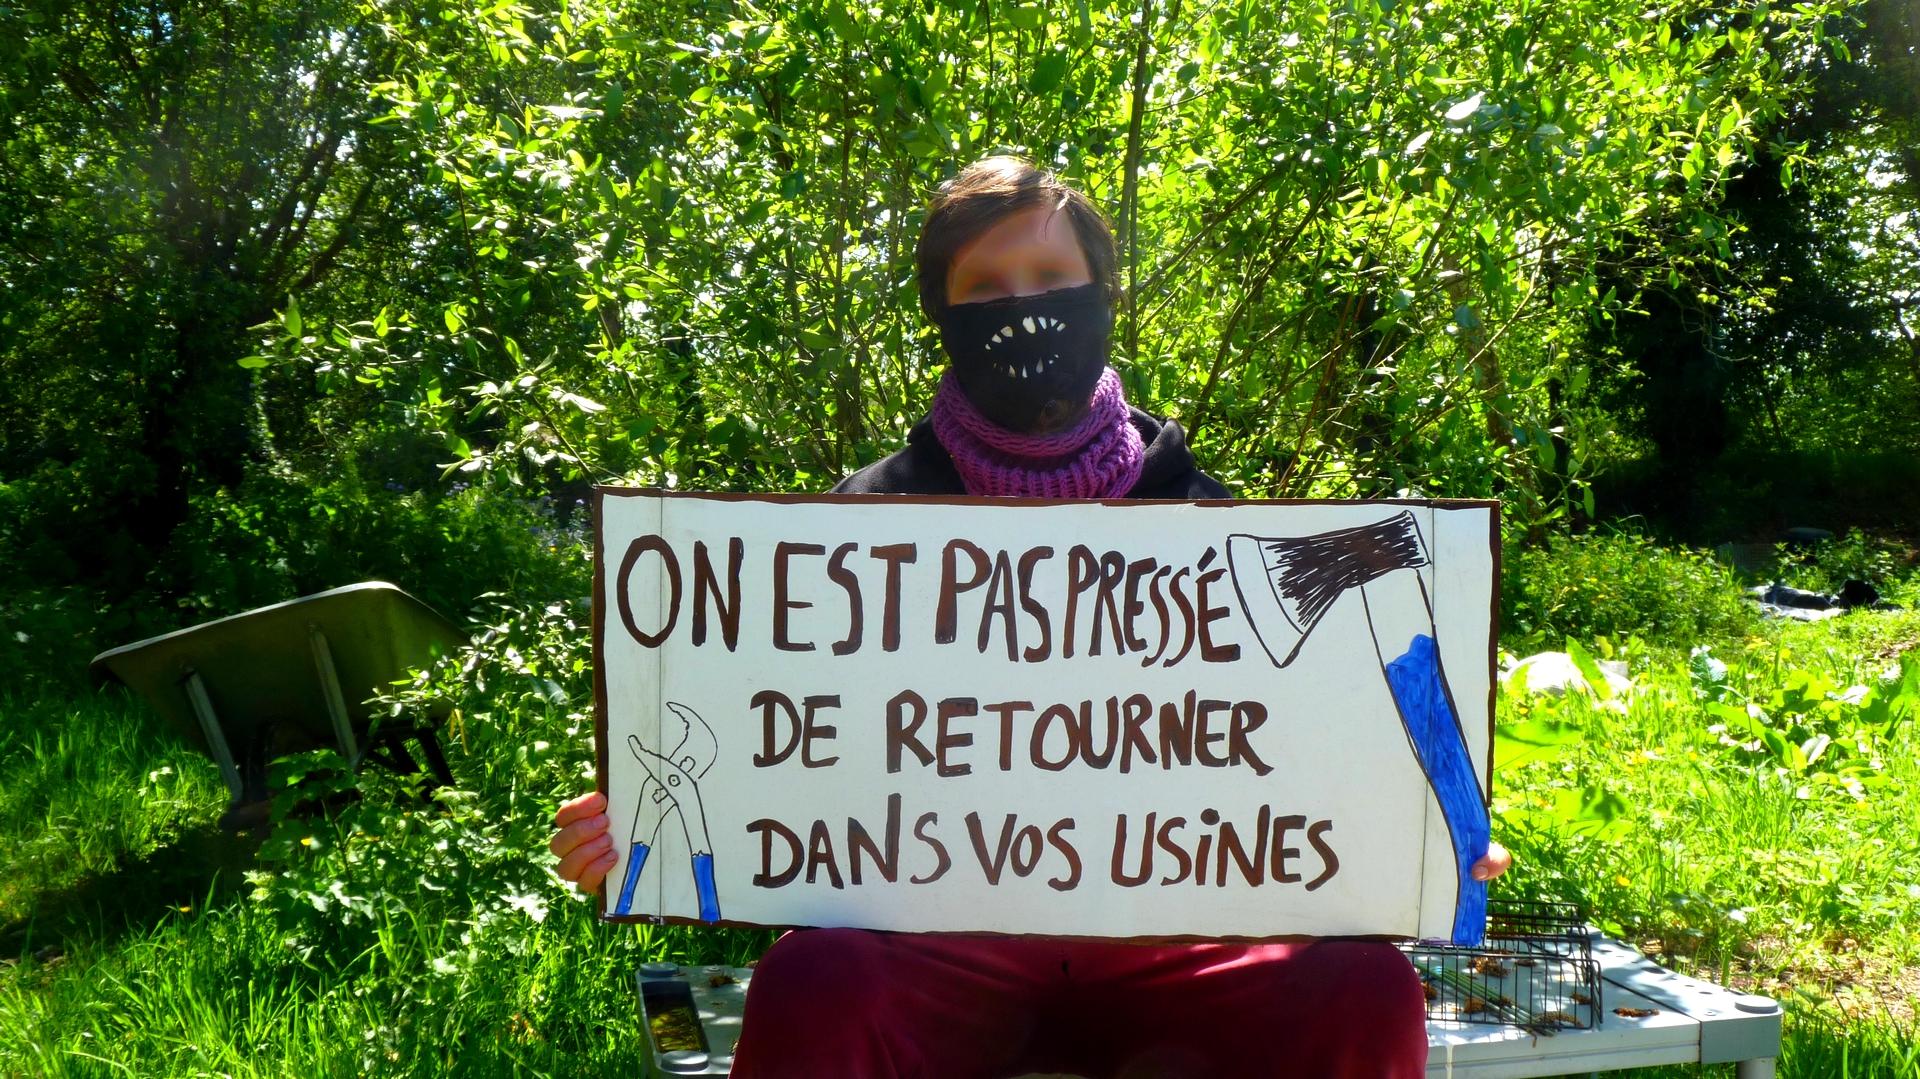 200502 - Manifestation du 1er mai 2020 à Lannion OK 05 - La Déviation